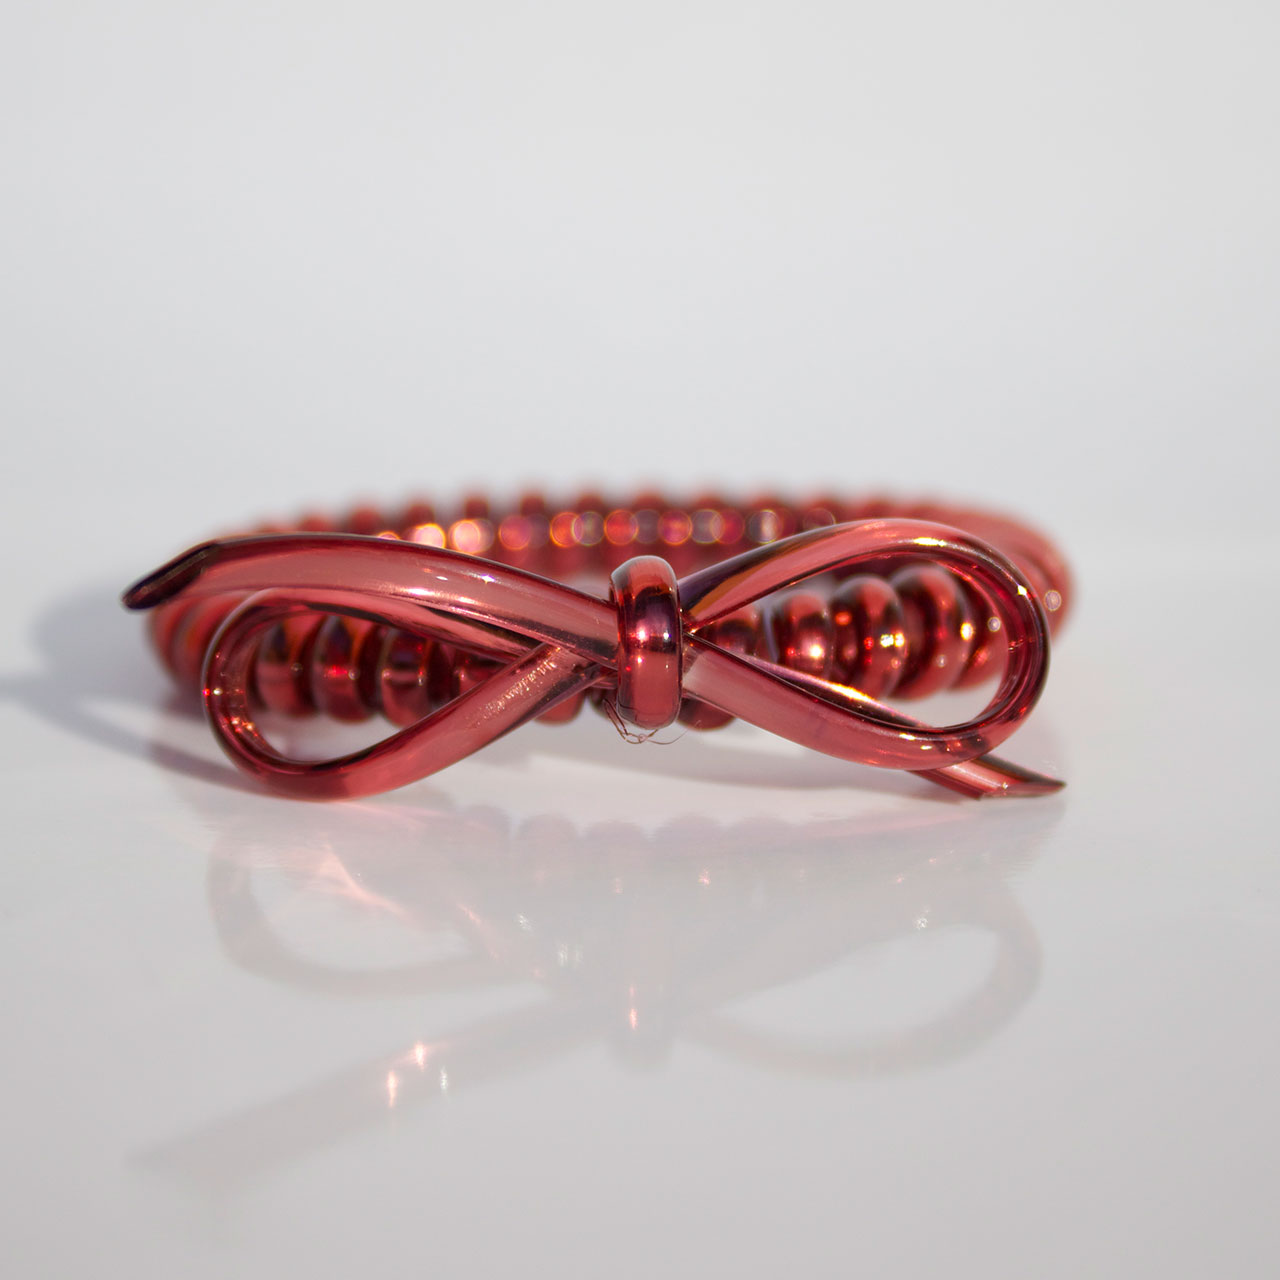 Bordová gumička do vlasov s mašličkou Hairfix - Metallic Bow Wine